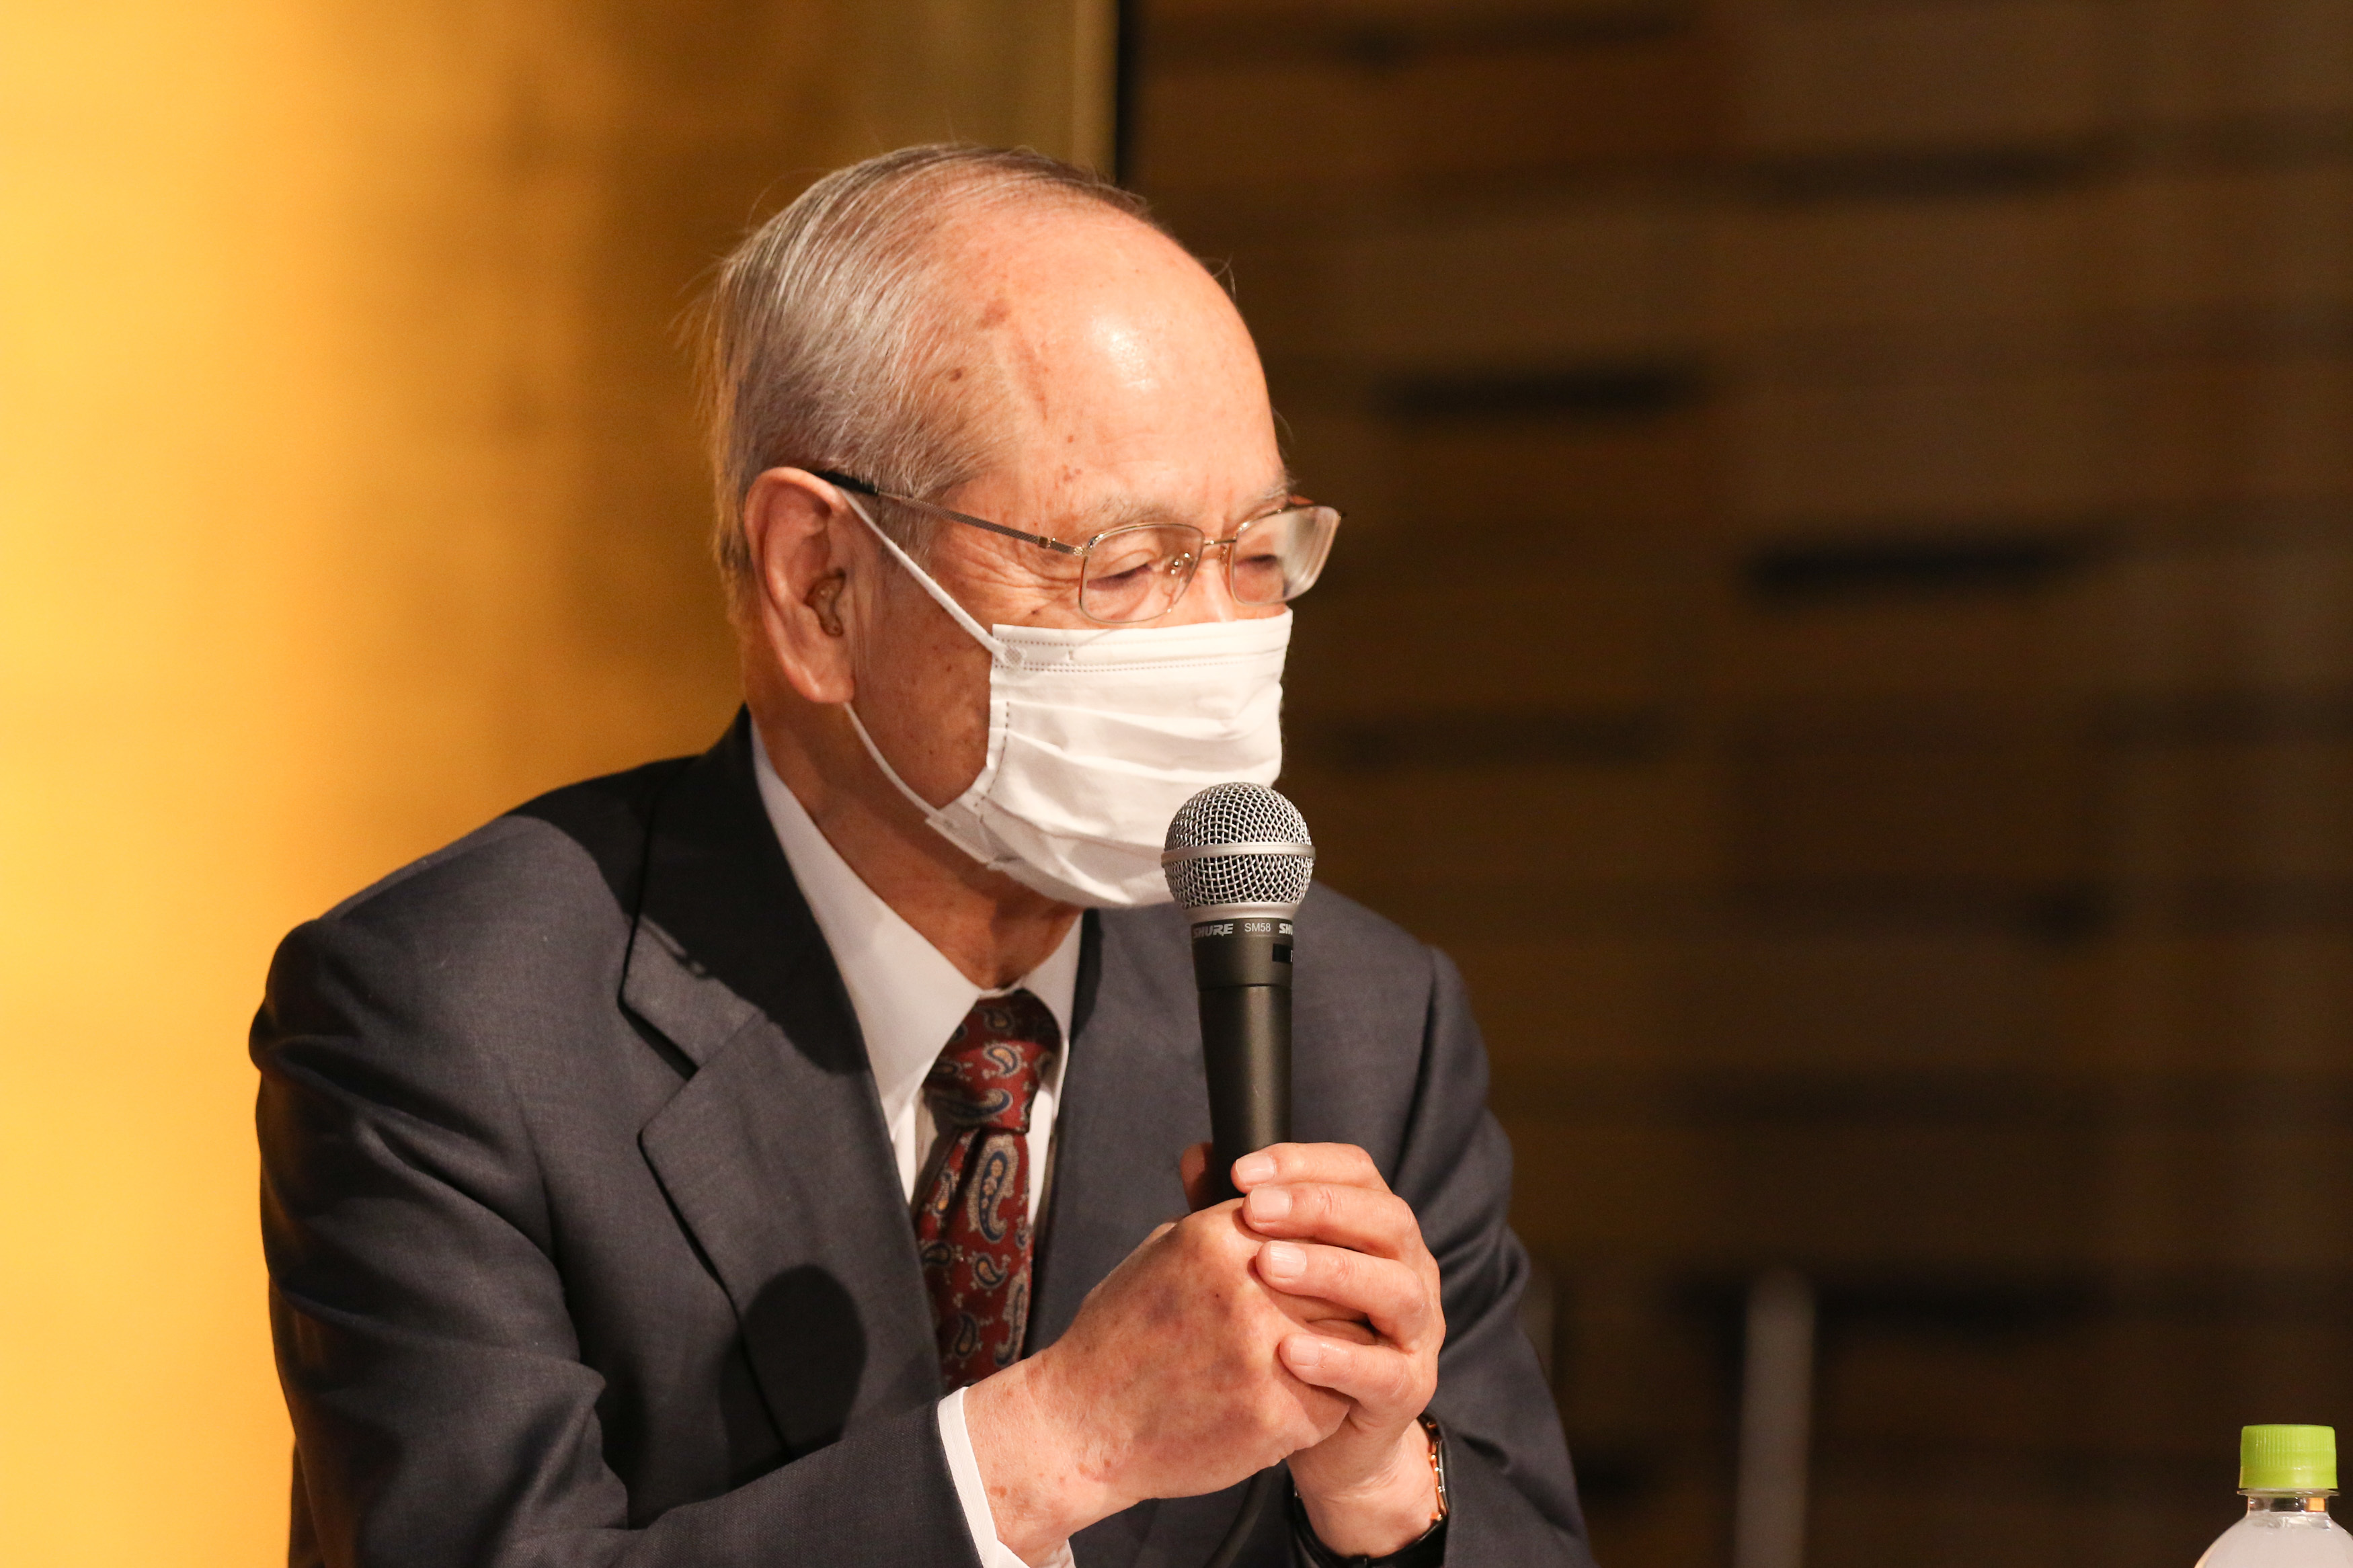 お客様の表情がマスクで判らないのはつらいですね